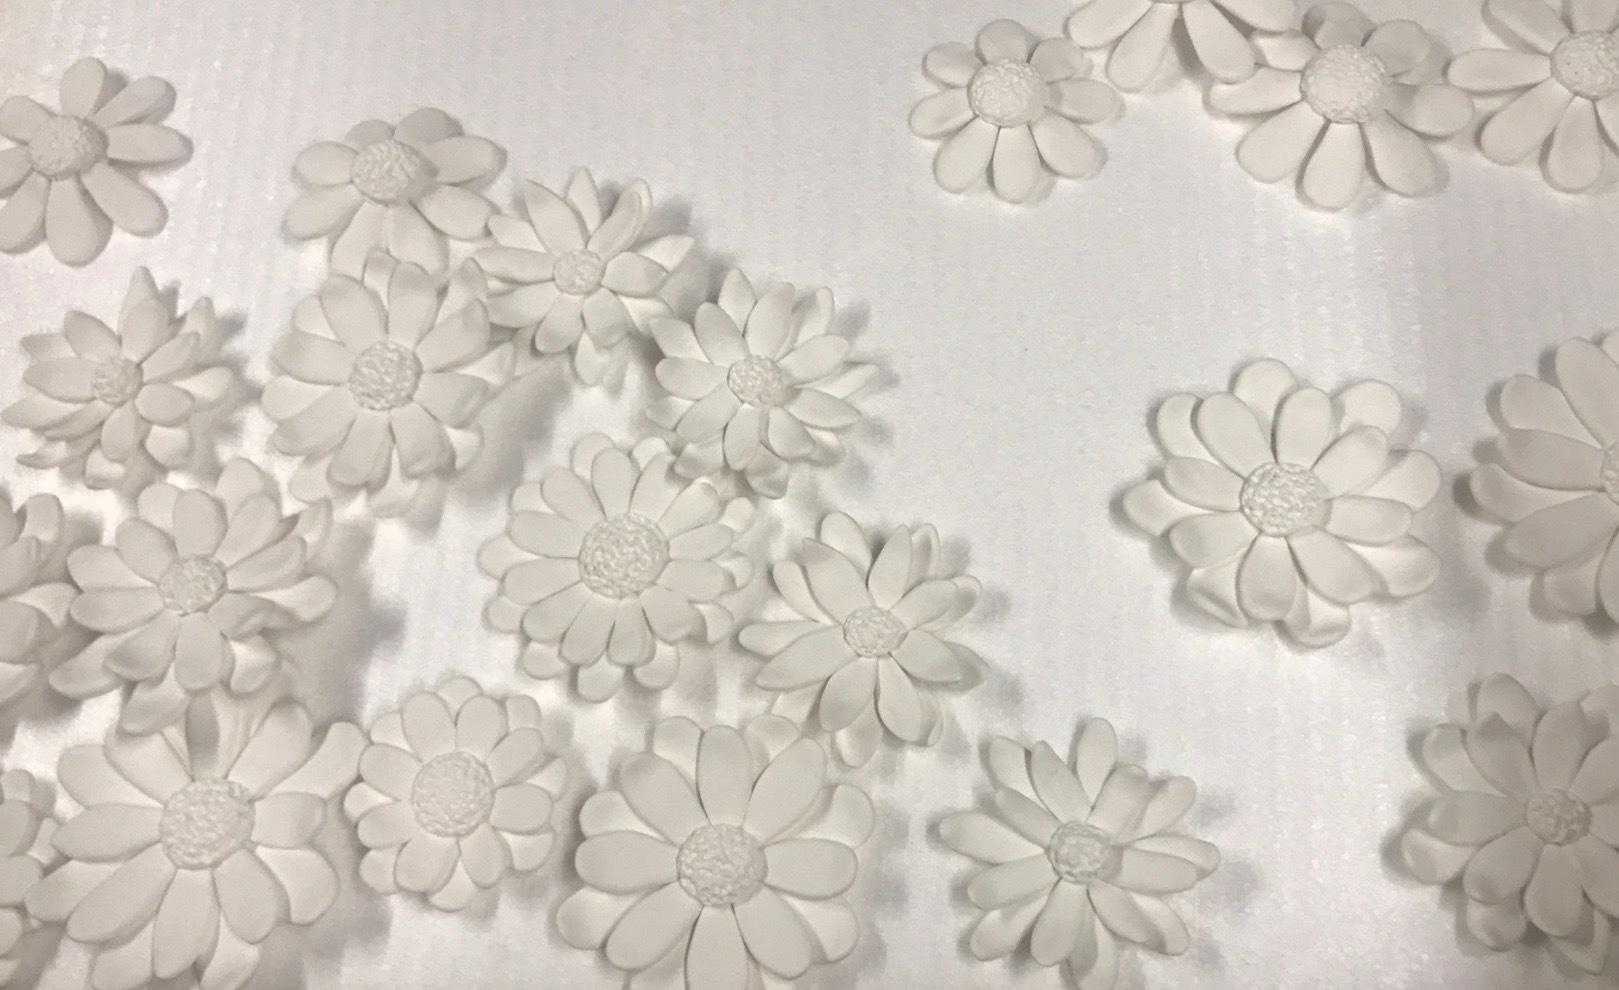 粘土作品制作過程 「明石城と菊の花」_f0395434_00564145.jpg